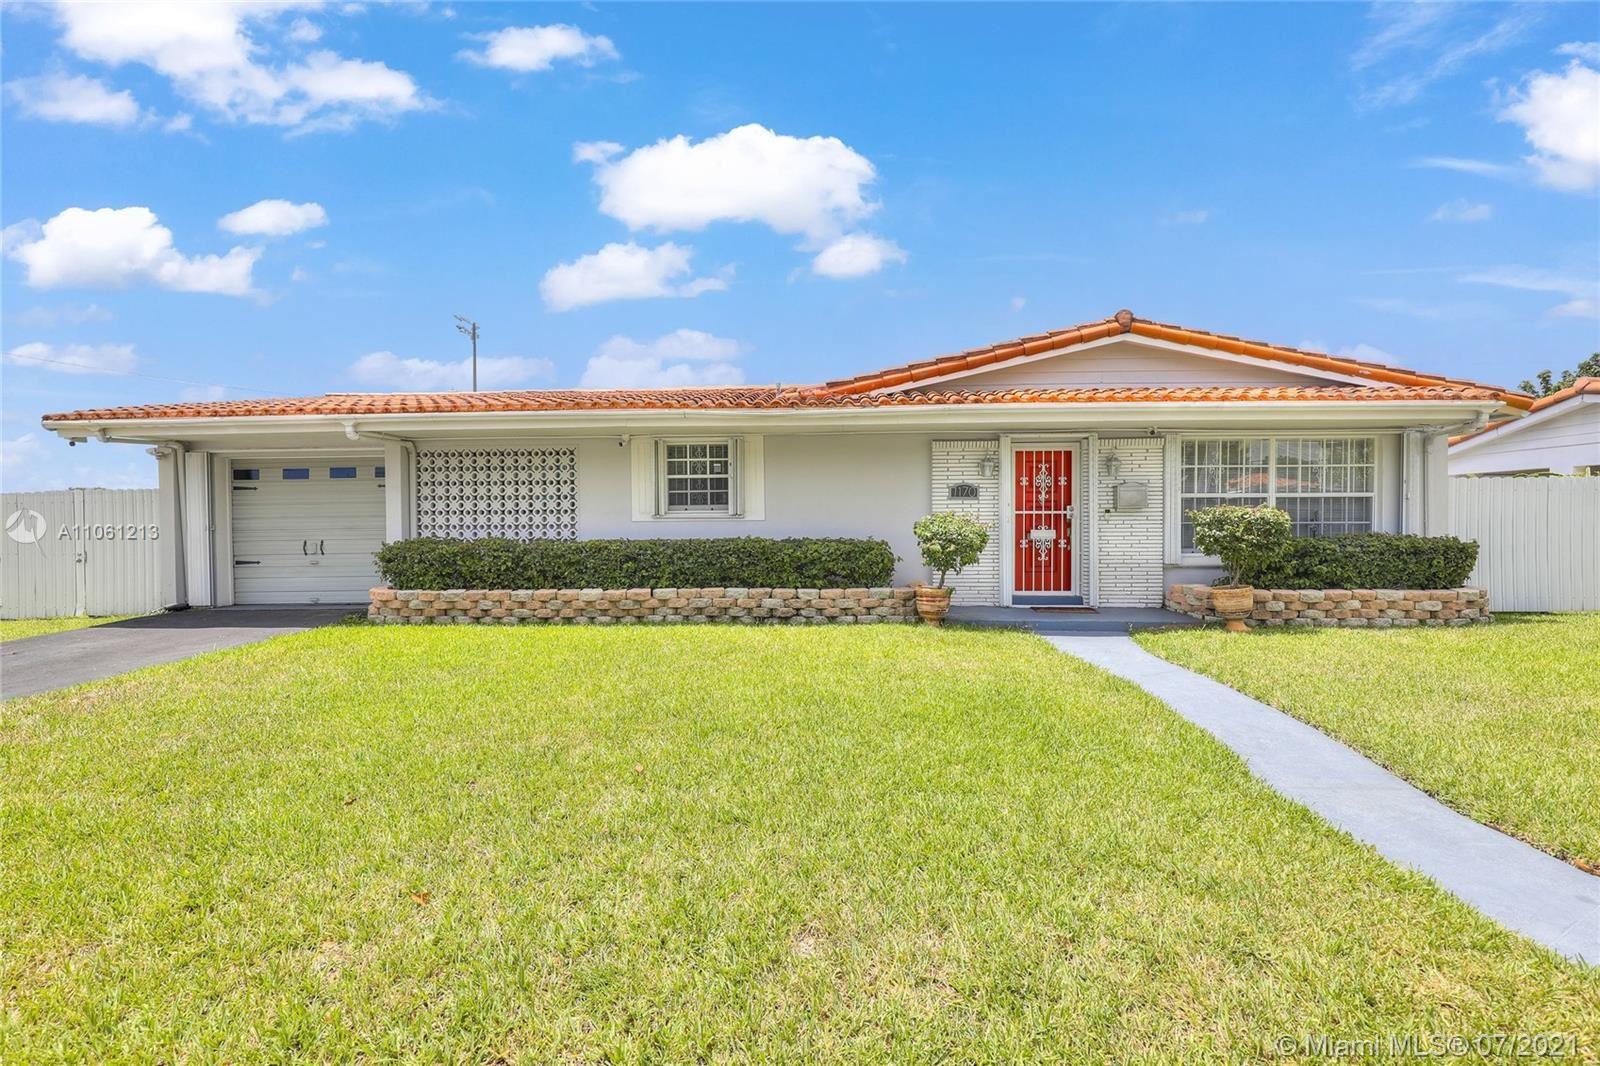 Photo of 1170 NE 171st St, Miami, FL 33162 (MLS # A11061213)